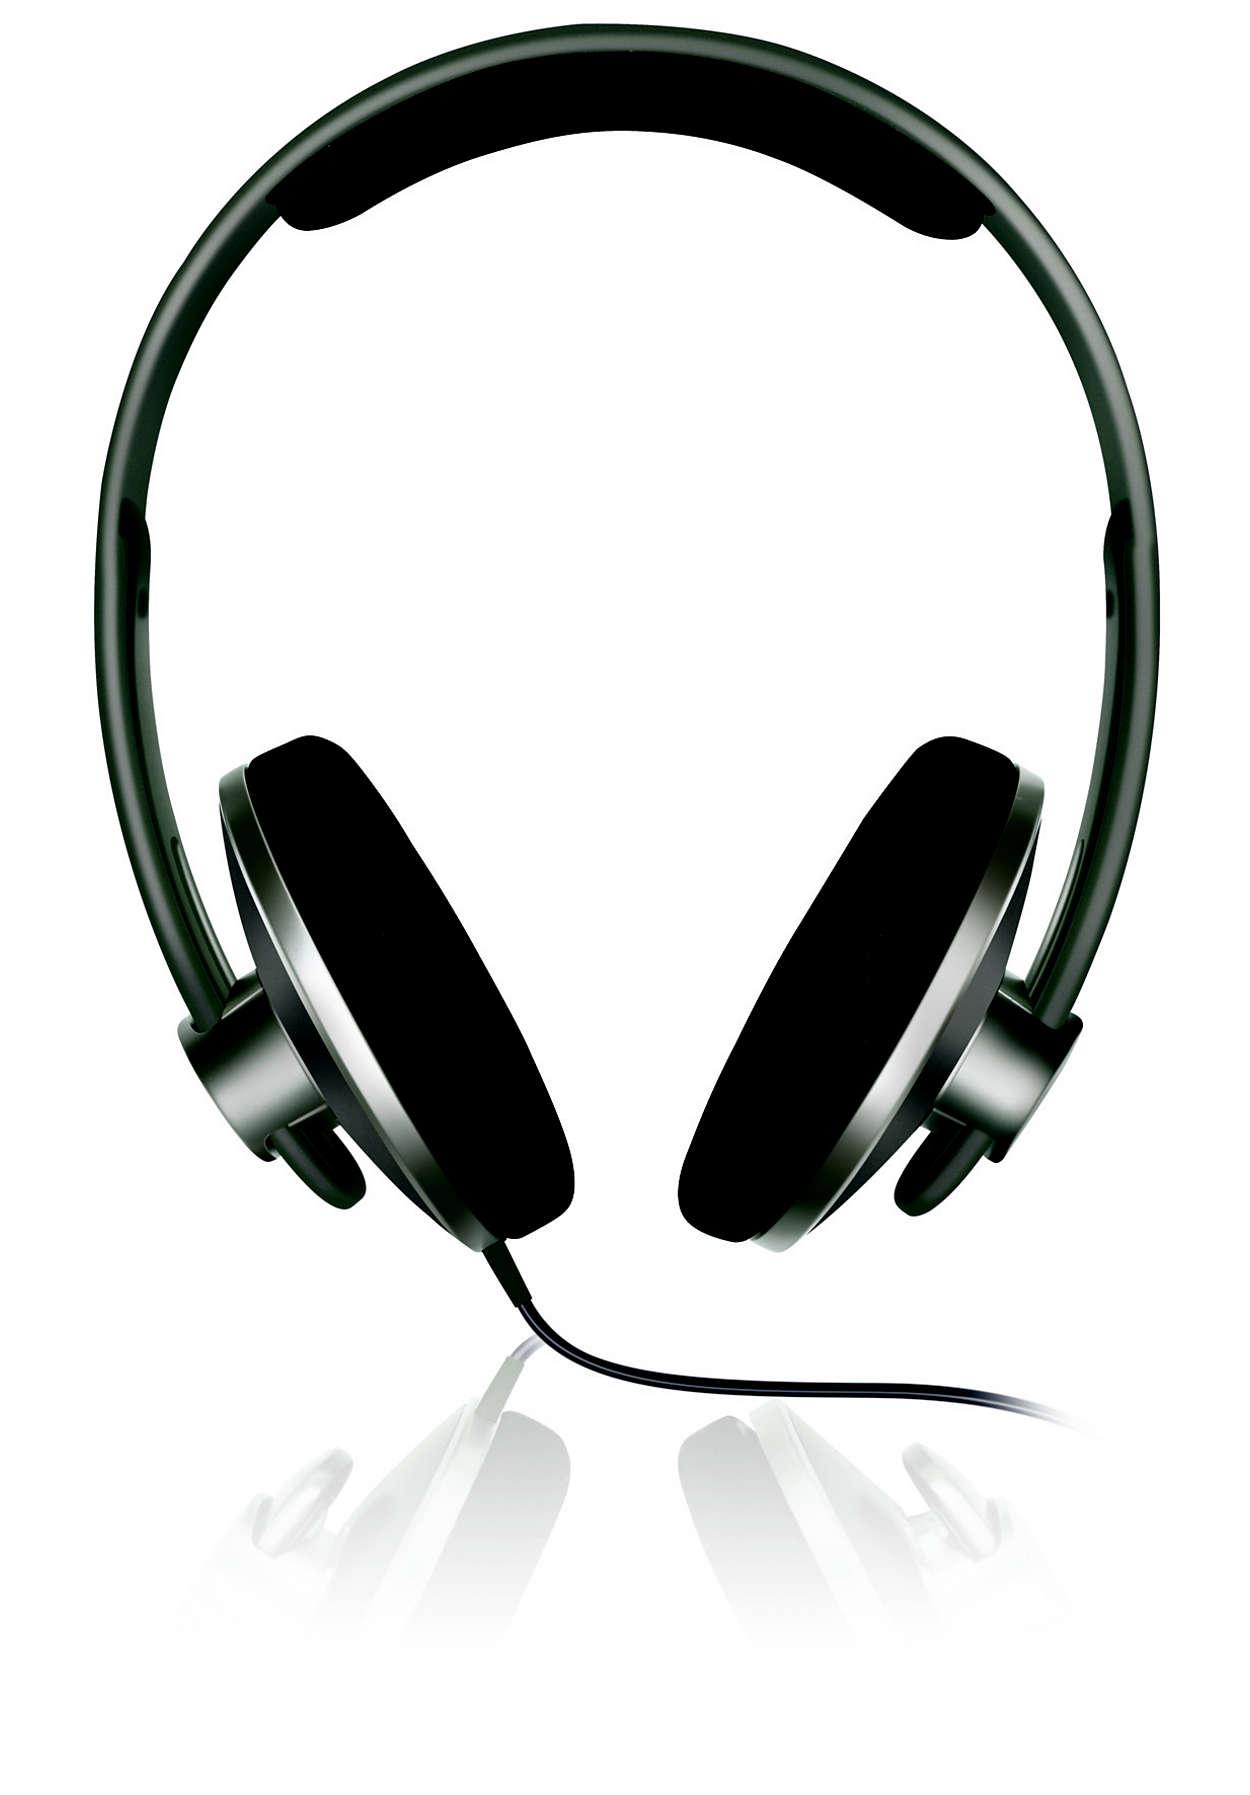 강력한 사운드, 휴대하기 편리한 디자인